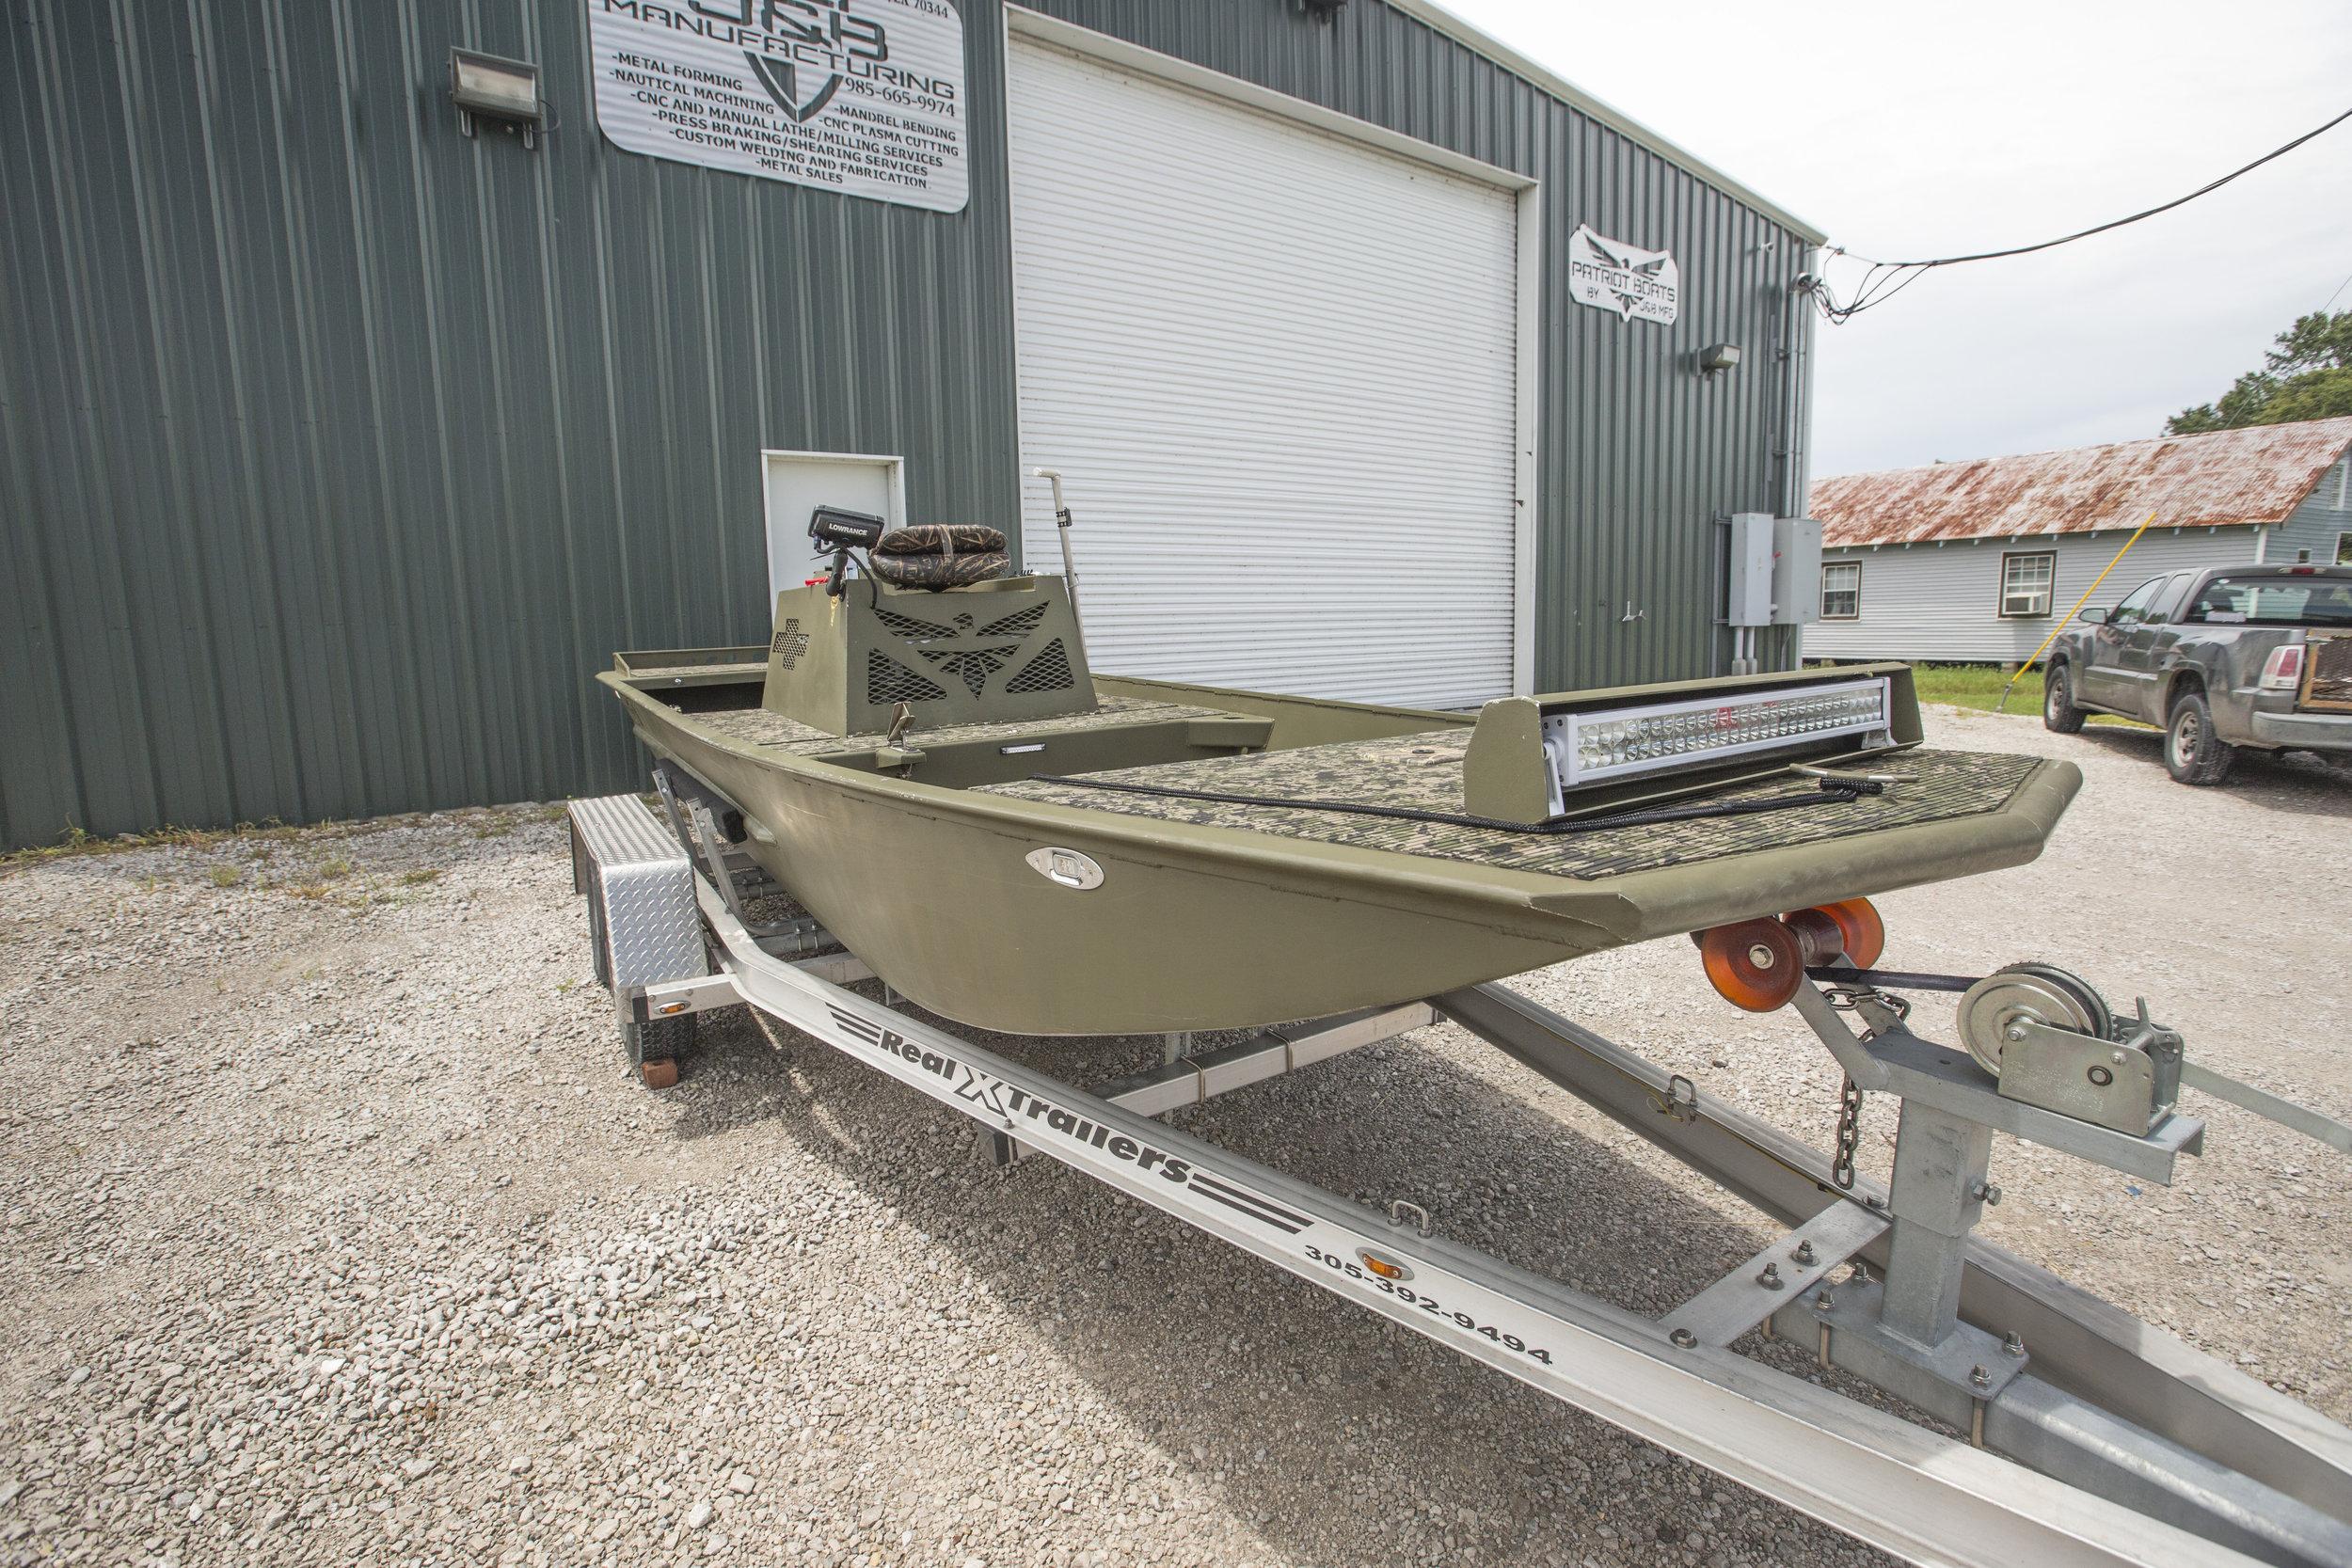 - 20ft mud boat